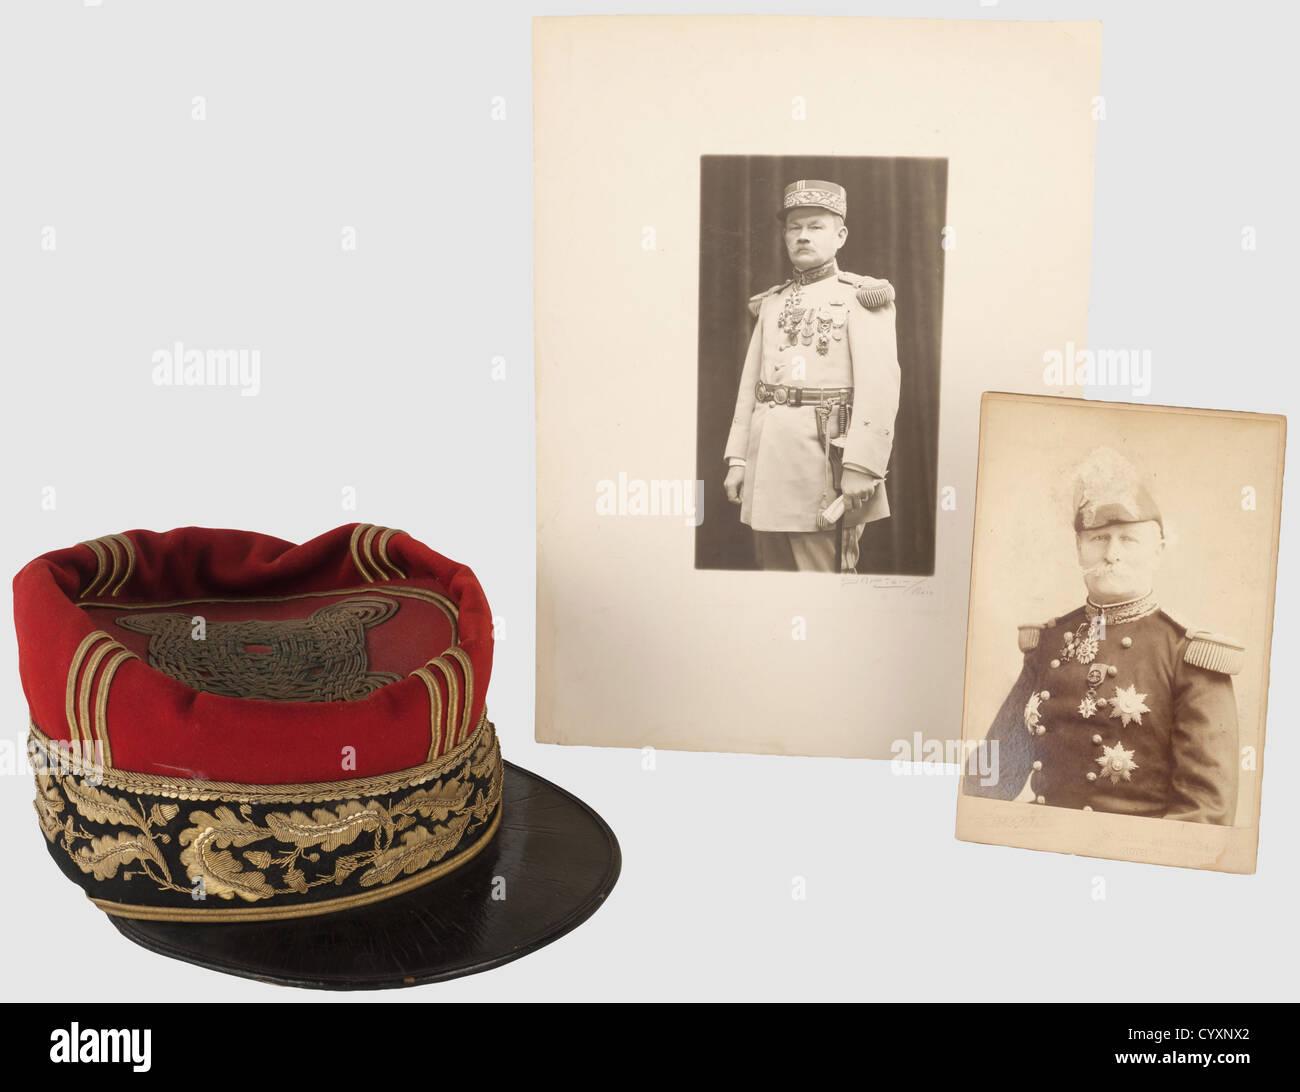 TROISIEME REPUBLIQUE 1870-1914, Képi de général de brigade, vers 1892-1900, calot et turban haut Photo Stock